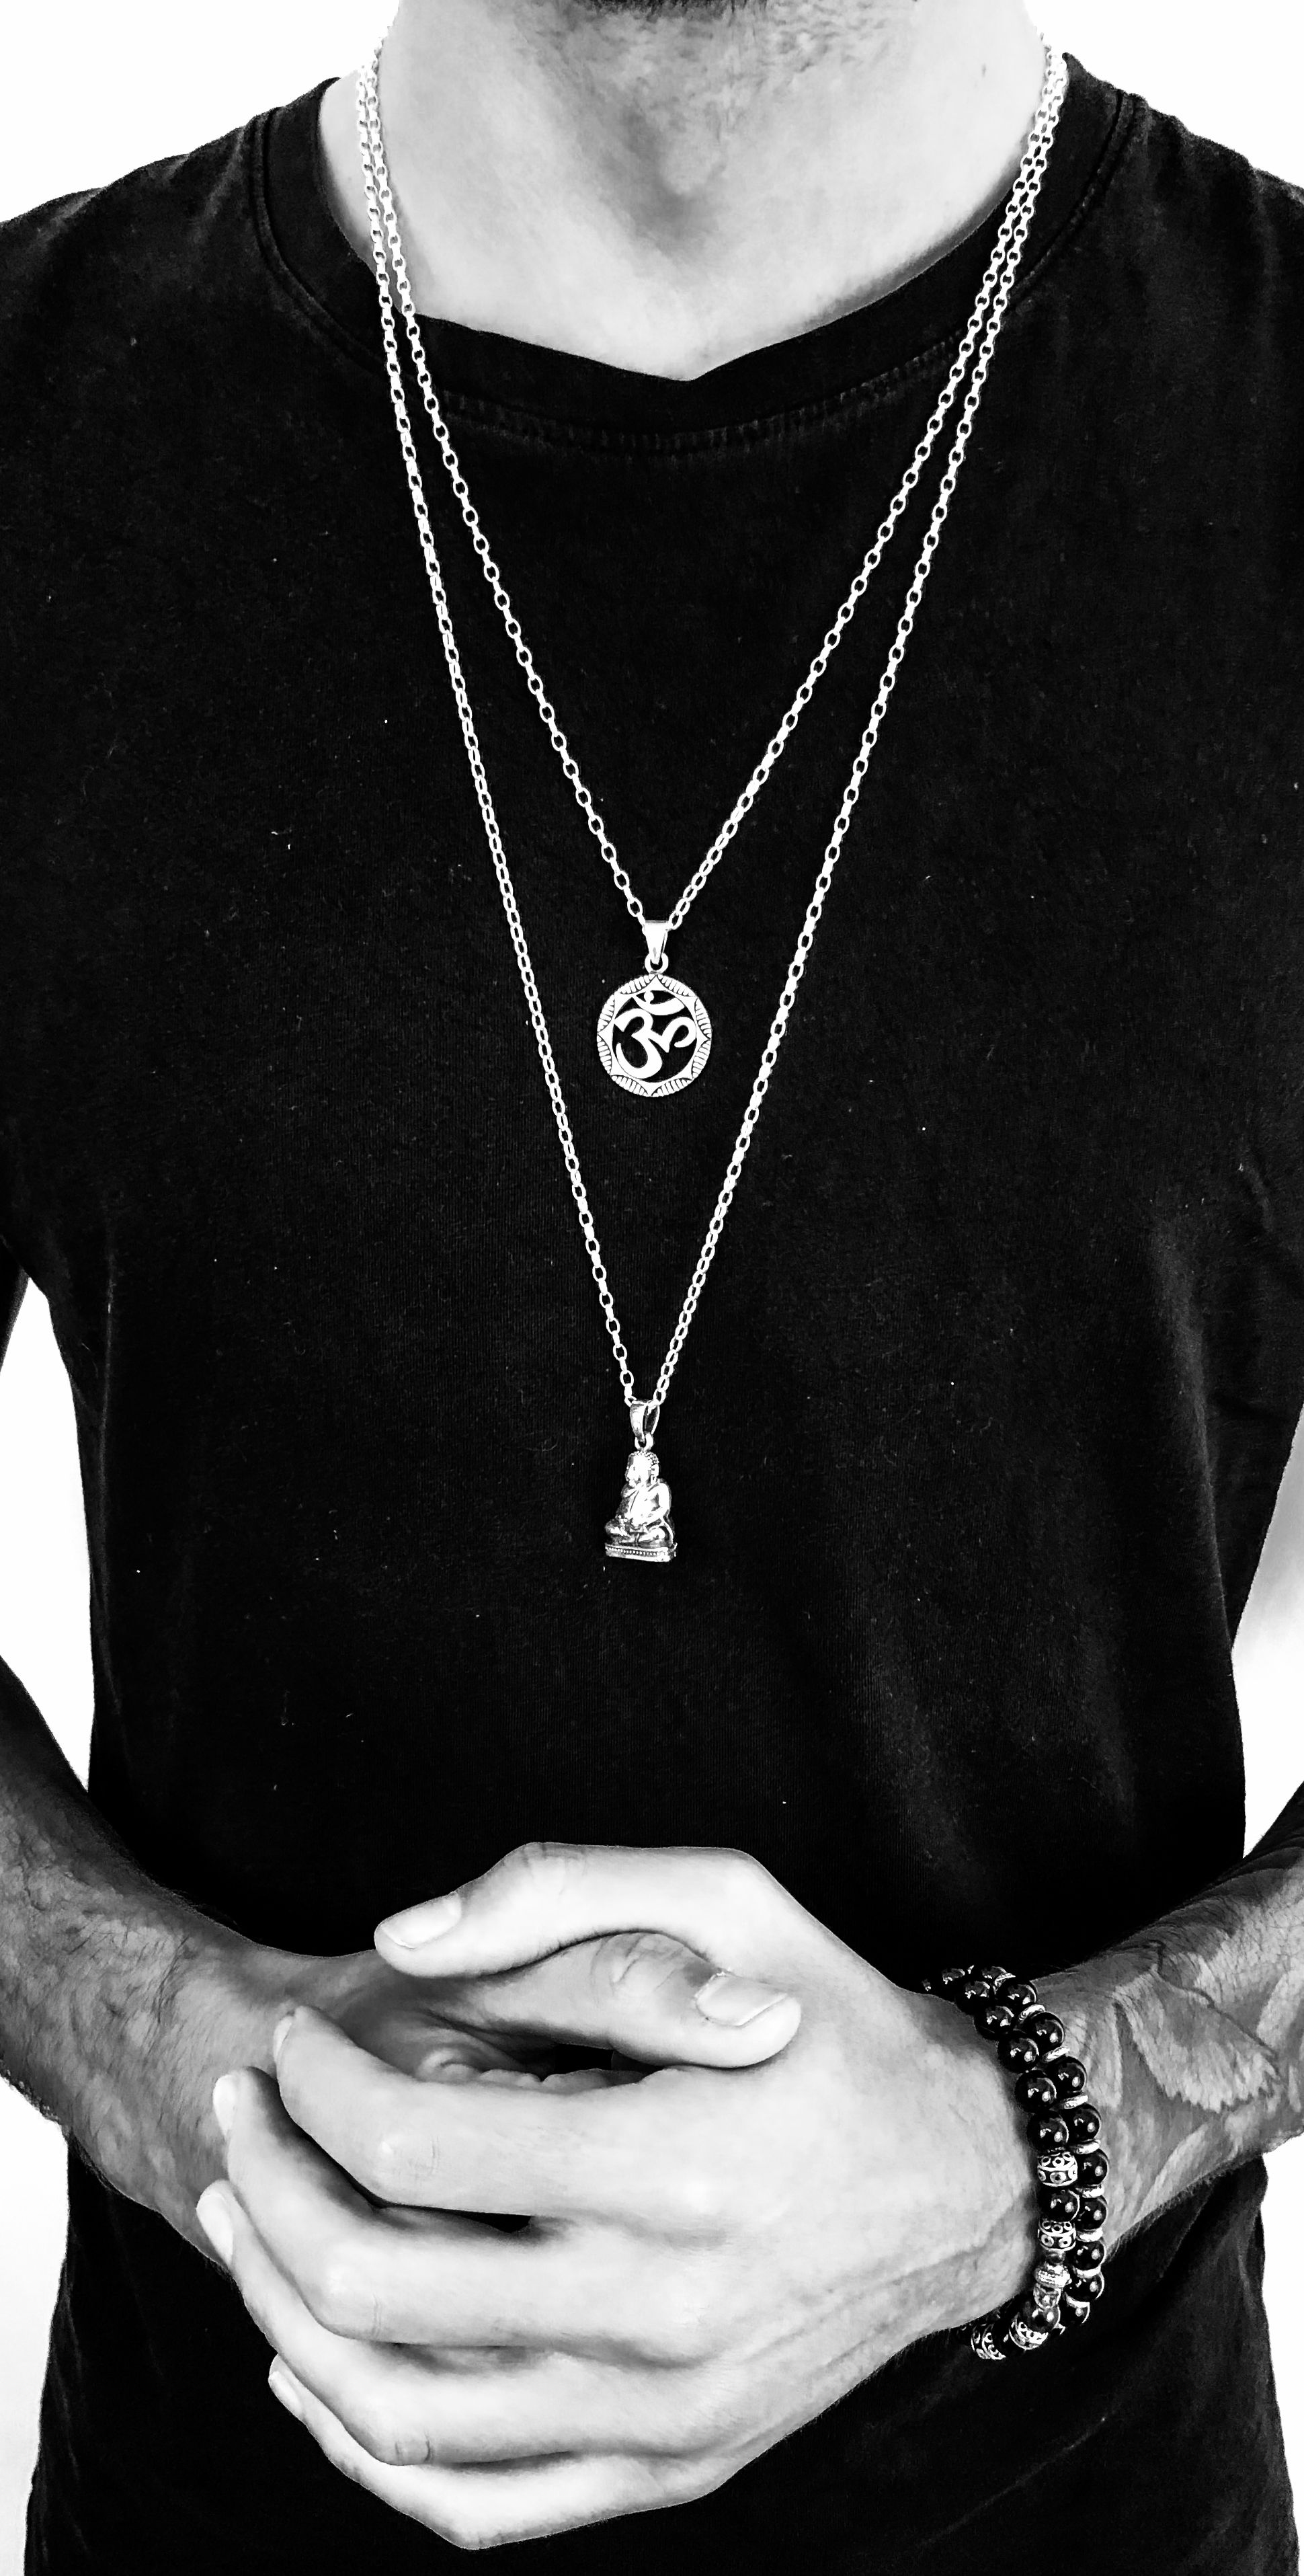 869379c71ba59 Om  Silver Necklace in 2019